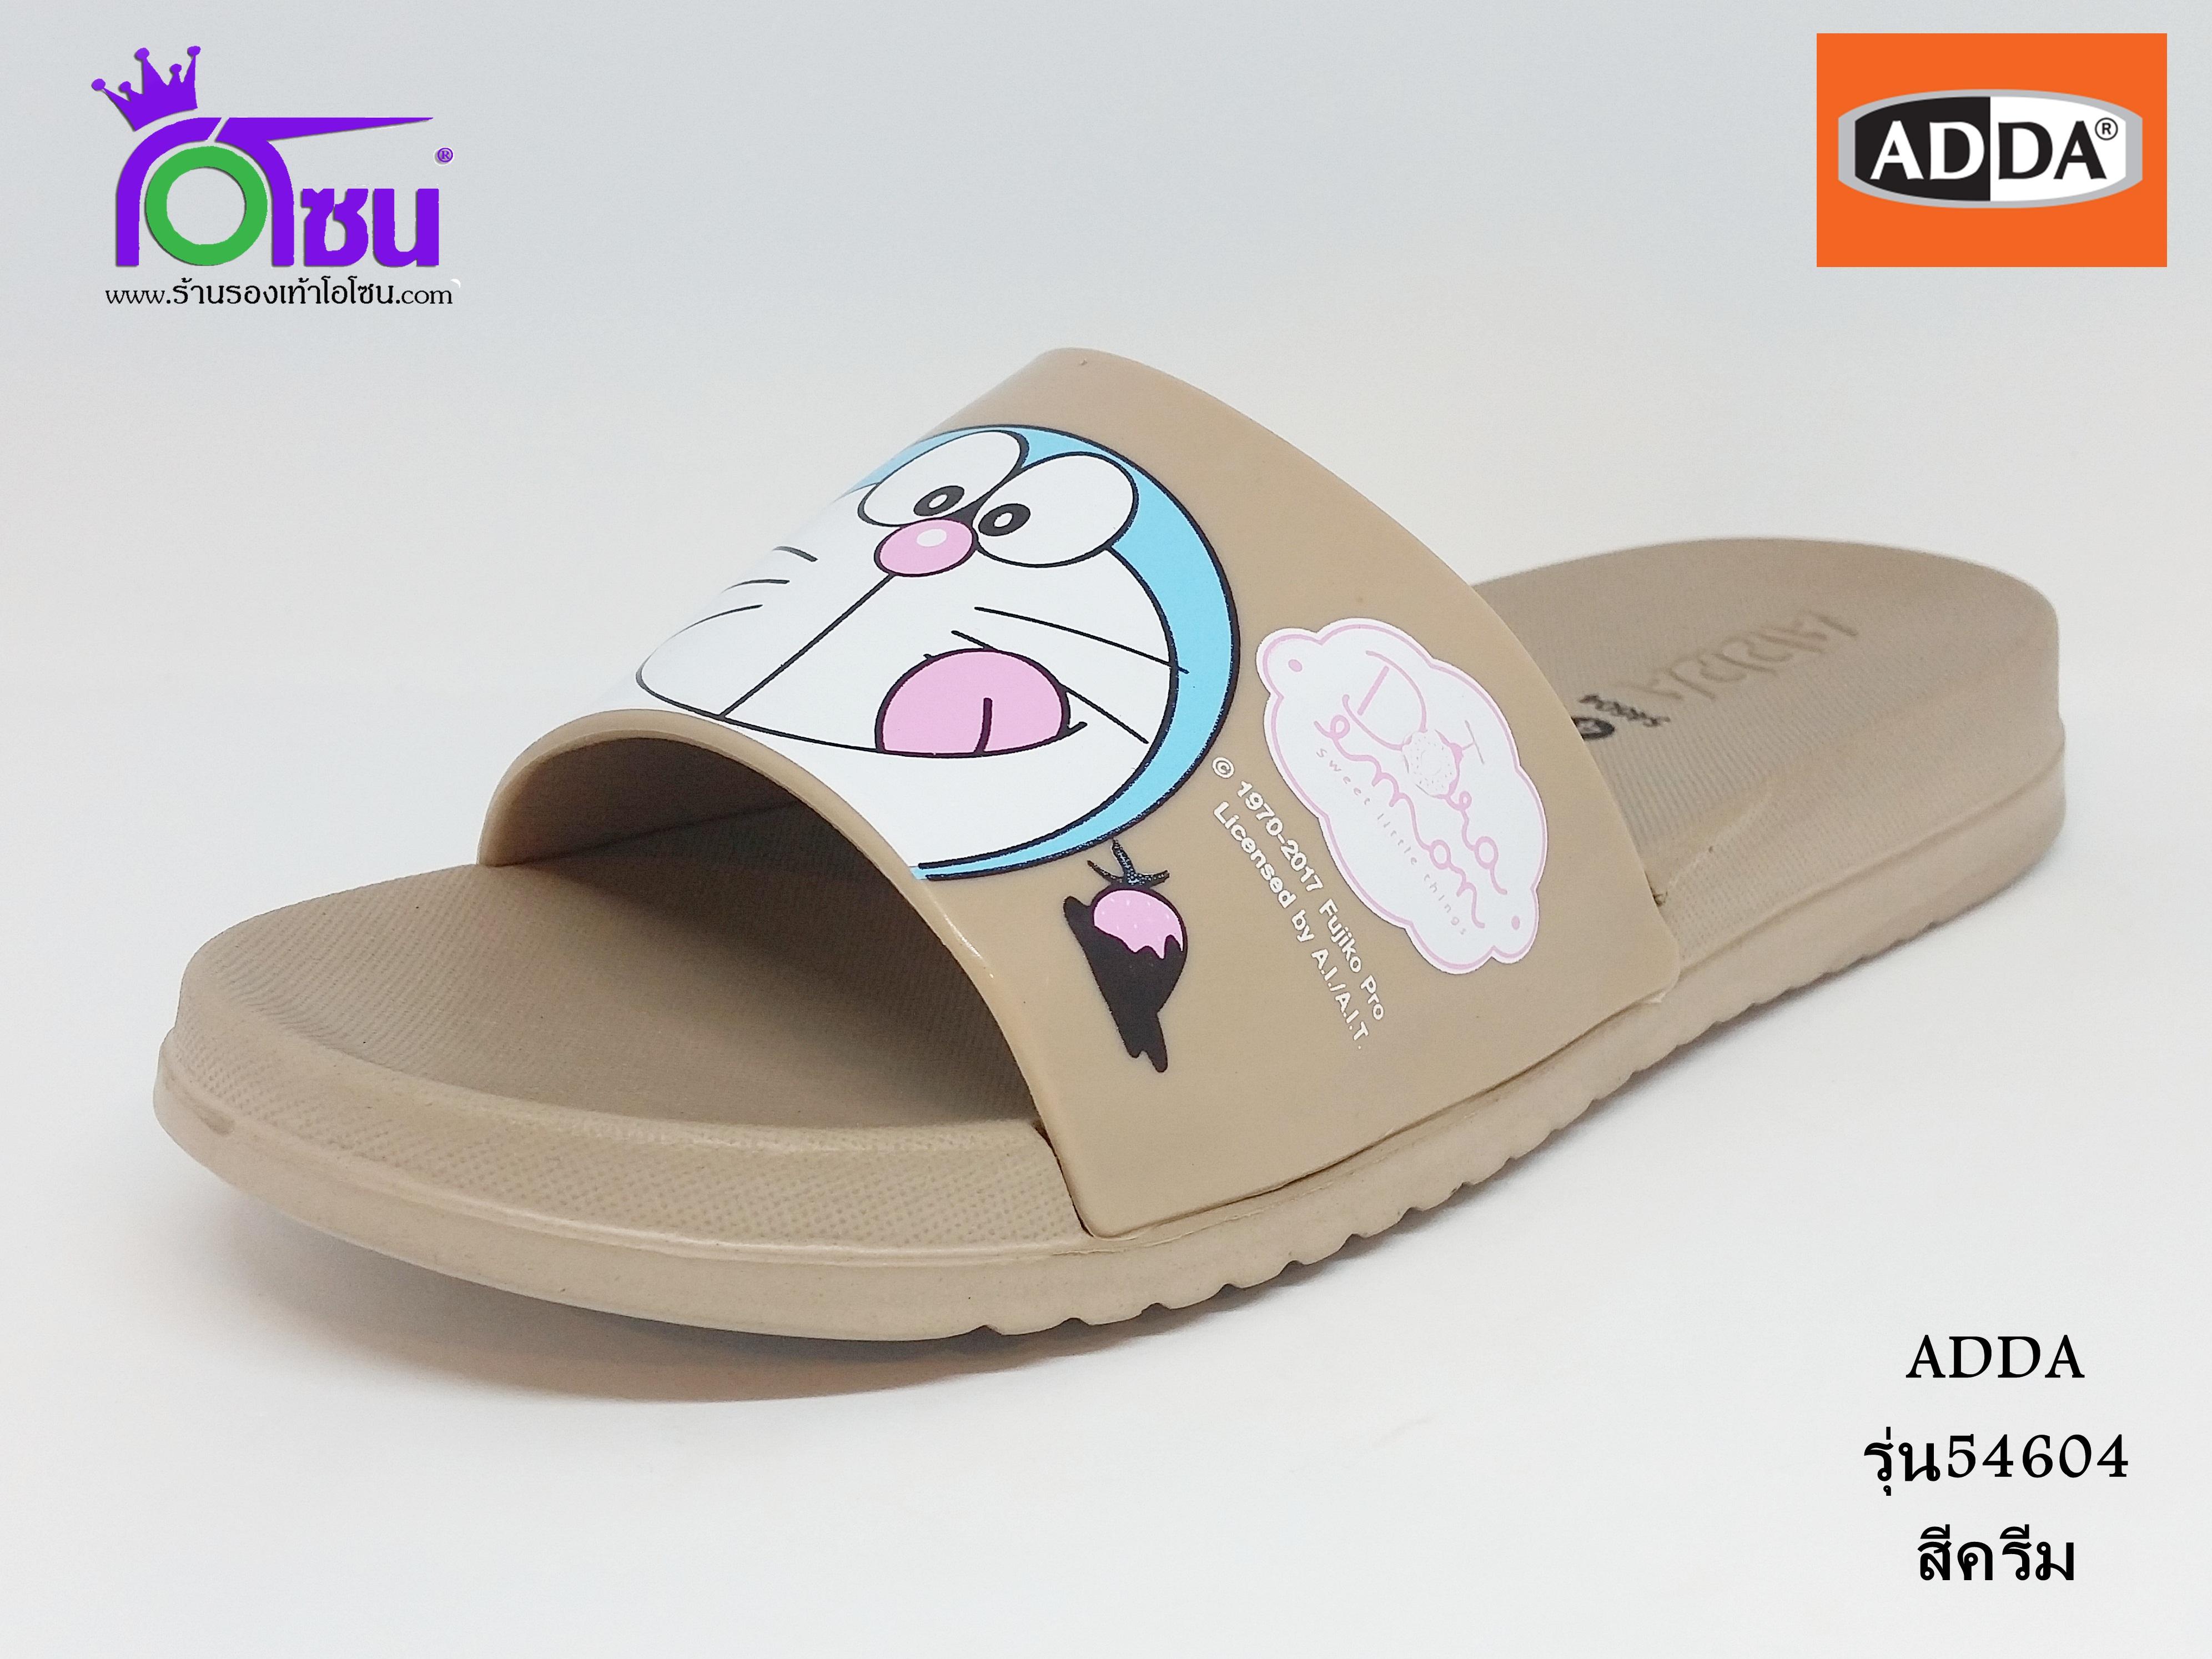 ADDA Doraemon แอ๊ดด้า โดราเอมอน รหัส 54604 สีครีม เบอร์ 4-6